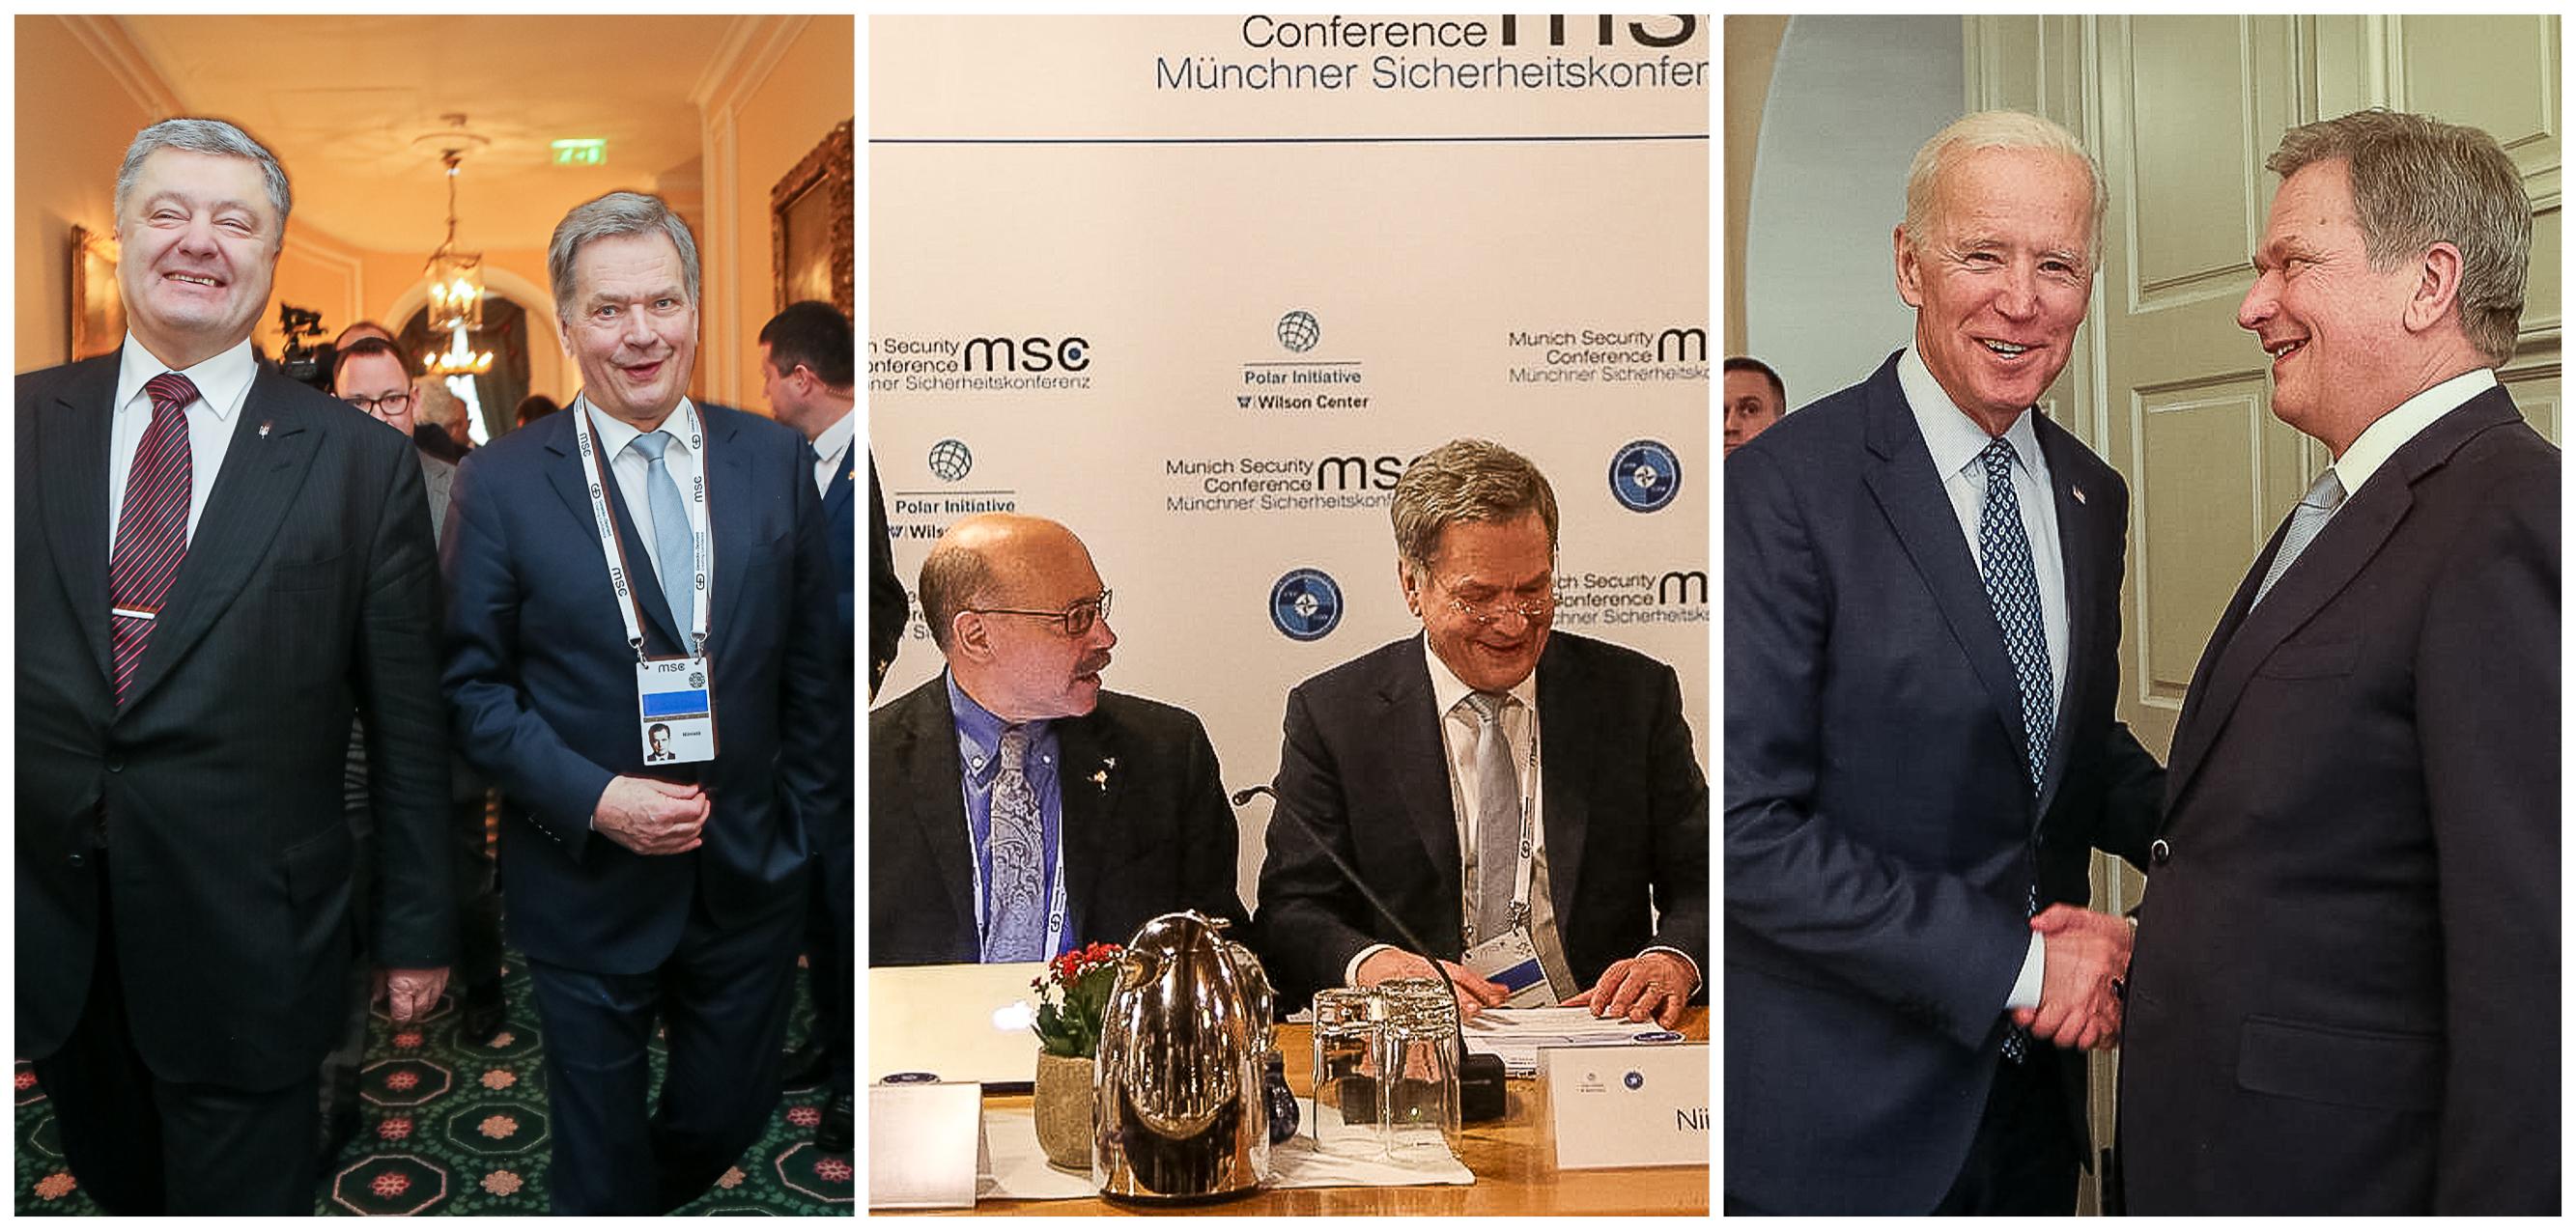 På säkerhetsmötet i München träffade president Niinistö bland annat Ukrainas president Petro Porosjenko (t.v.) och Förenta staternas före detta vicepresident Joe Biden. Foto: Katri Makkonen/Republikens presidents kansli